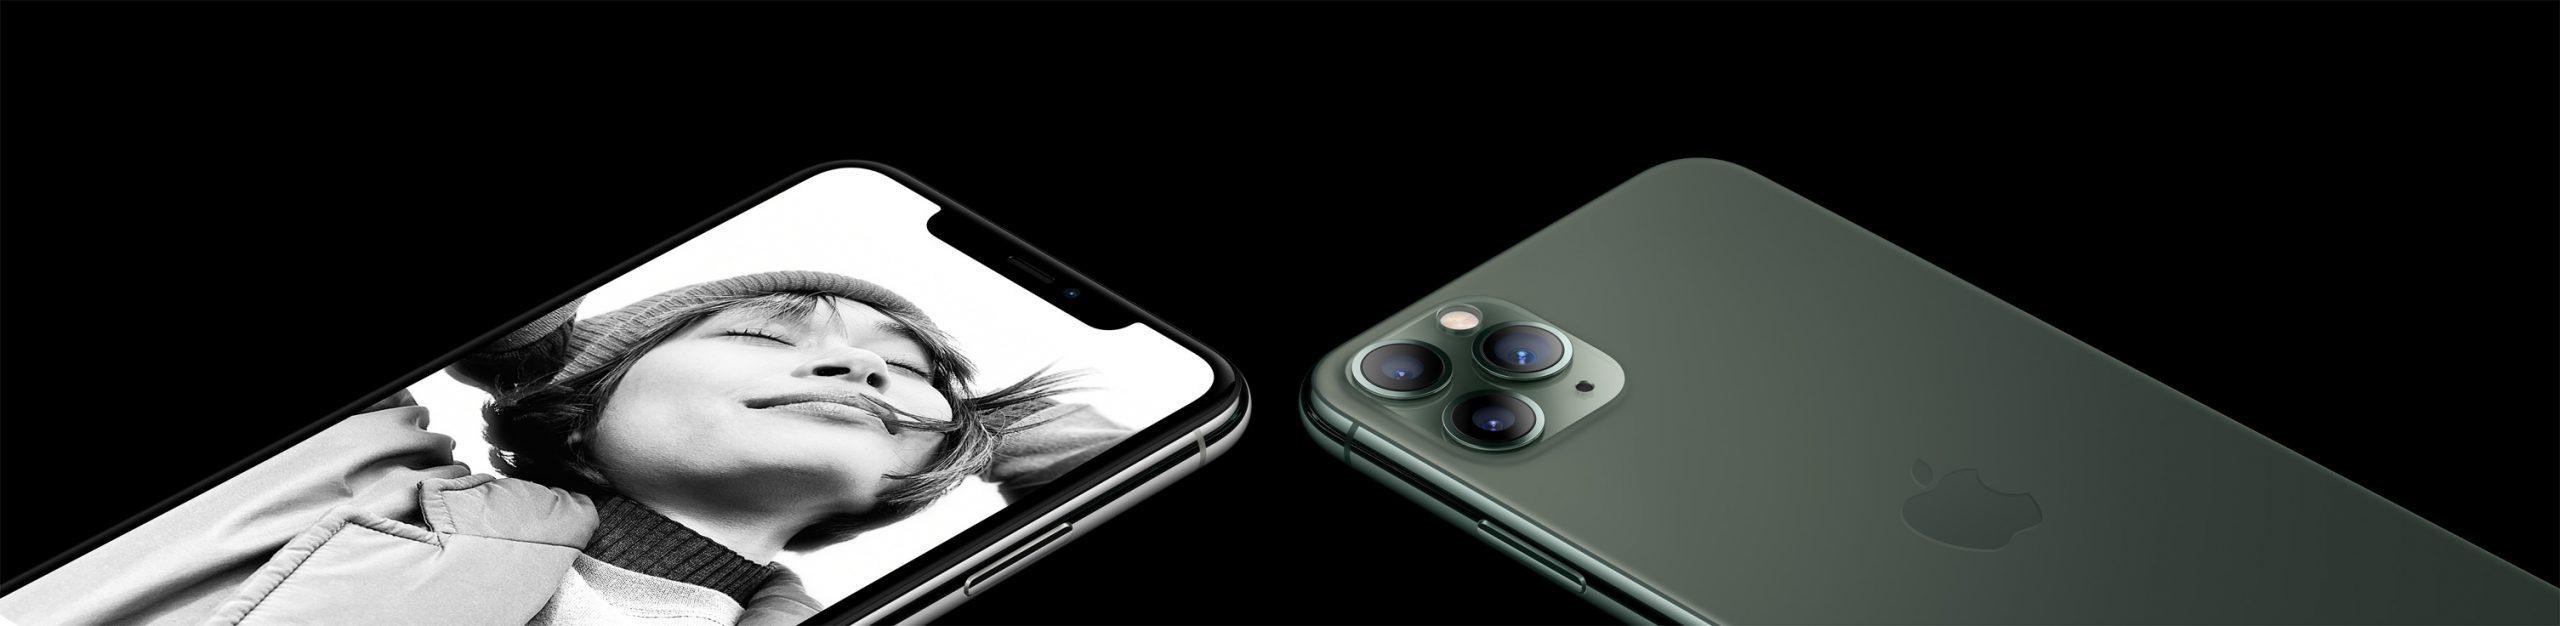 رفع مشکل دوربین آیفون و کار نکردن آن   گارانتی اپل